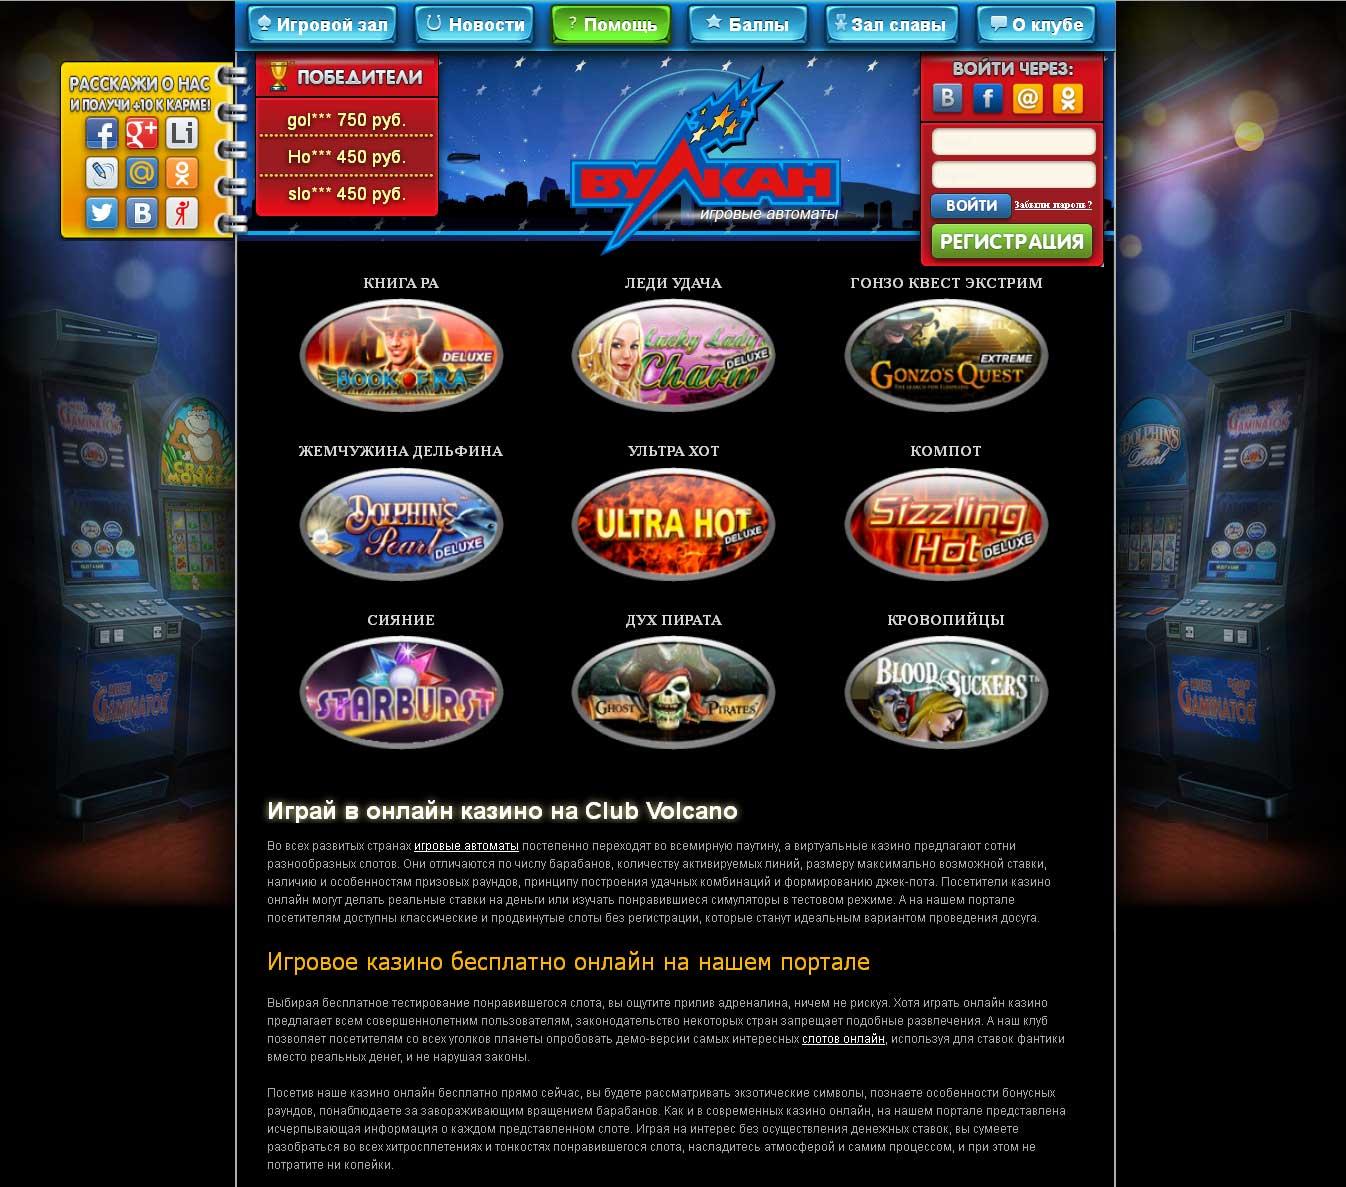 Играй в онлайн казино на Club Volcano